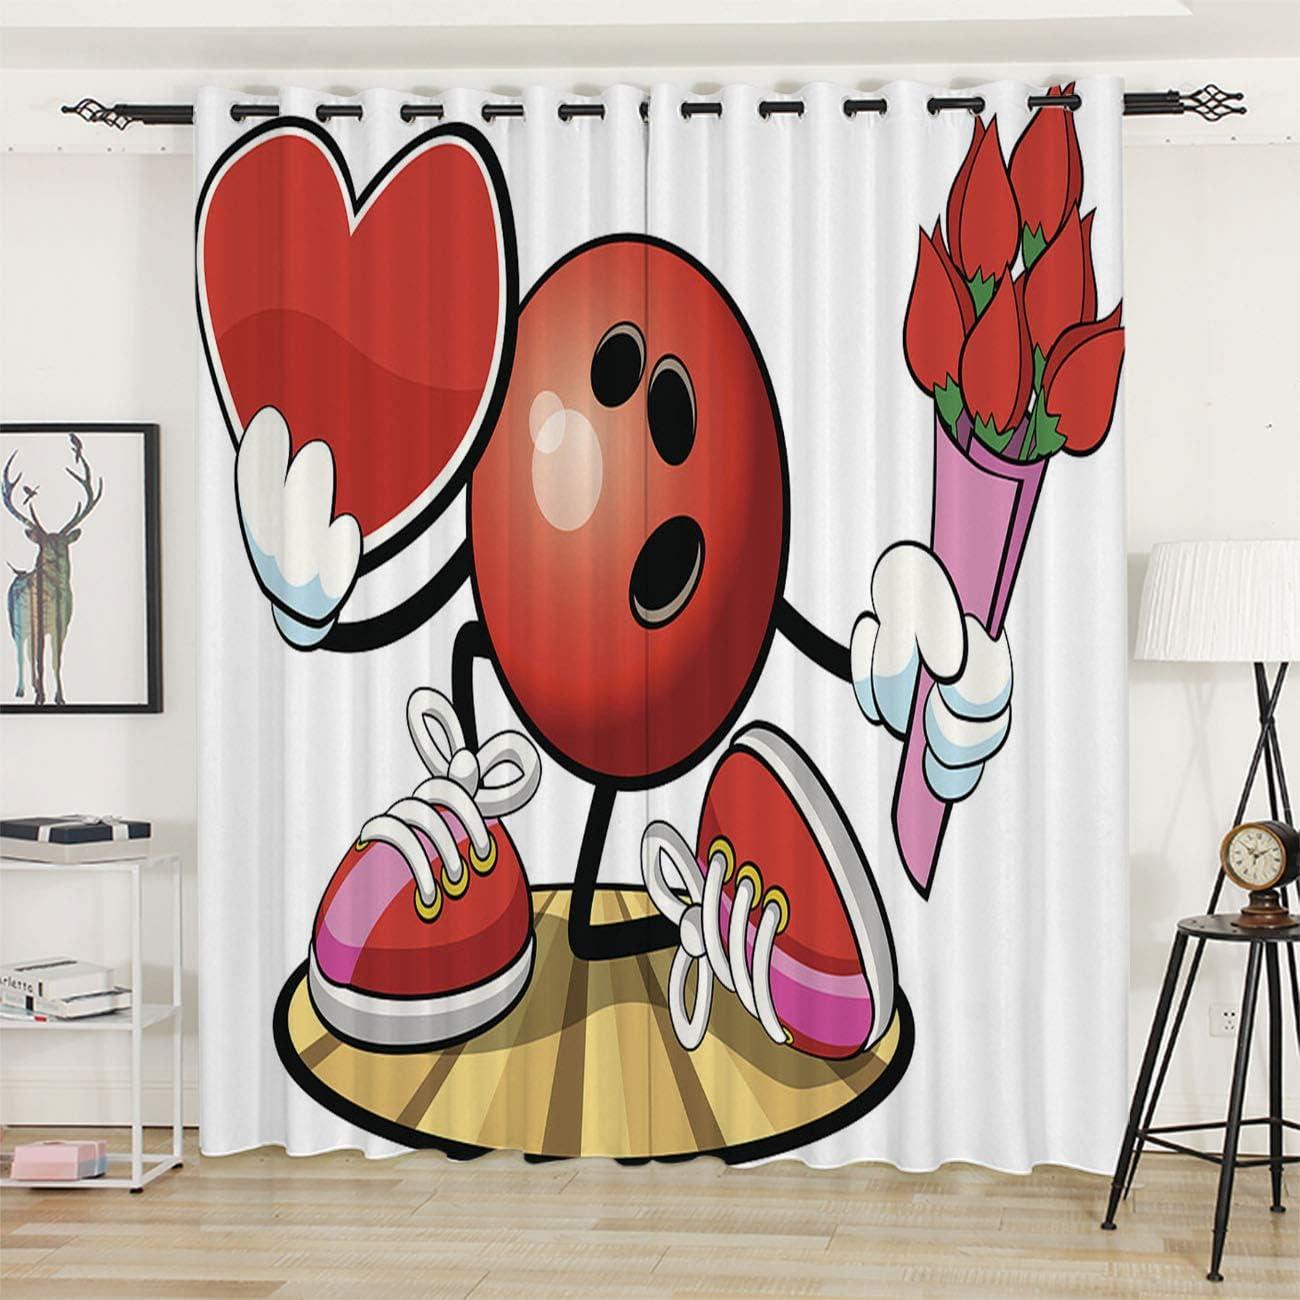 捧呈 OTTOSUN Blackout Curtains Panels 大特価 for Charac Bowling Ball Bedroom